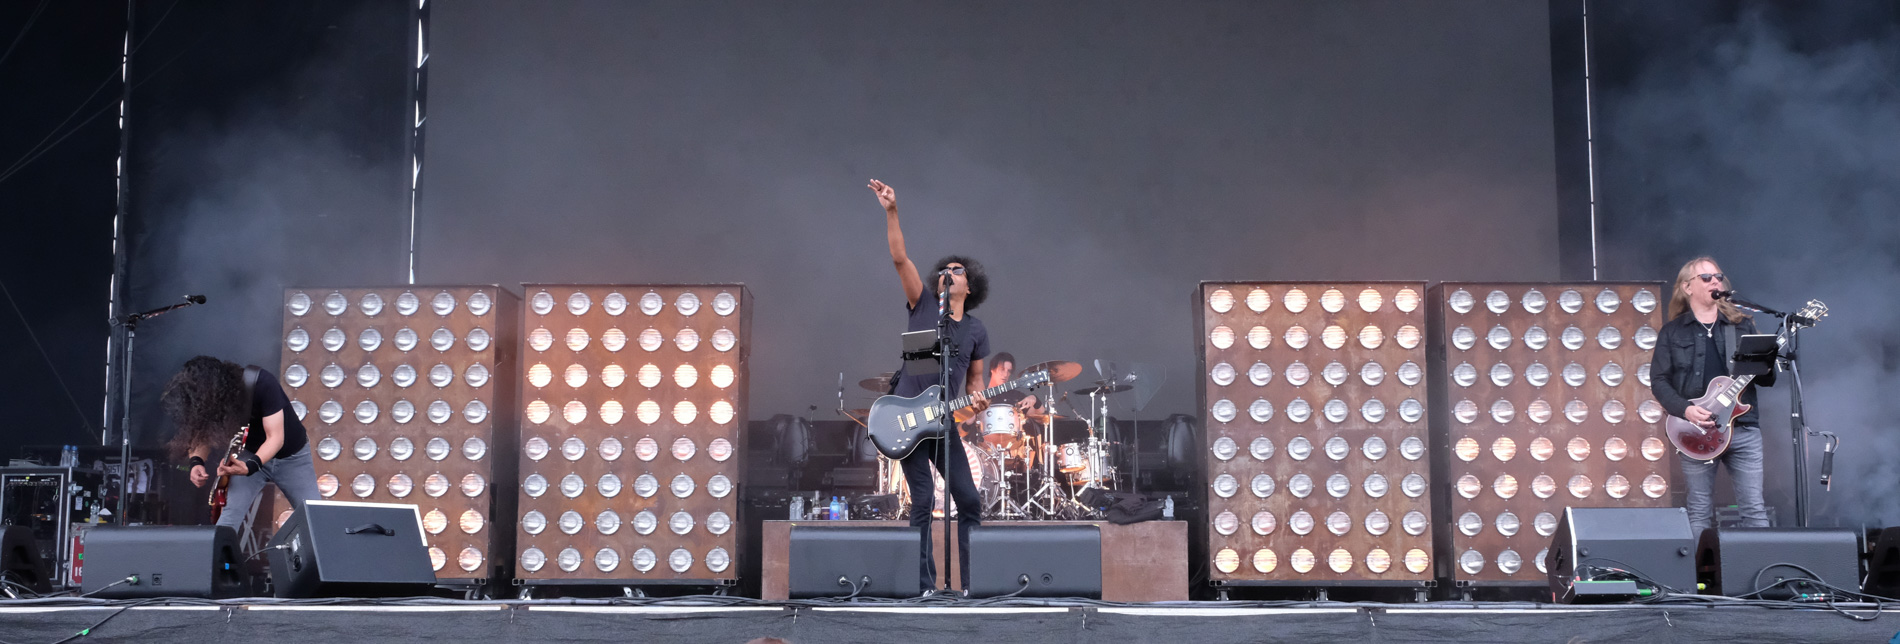 Anmeldelse NS19: Alice in Chains tændte op under rocken